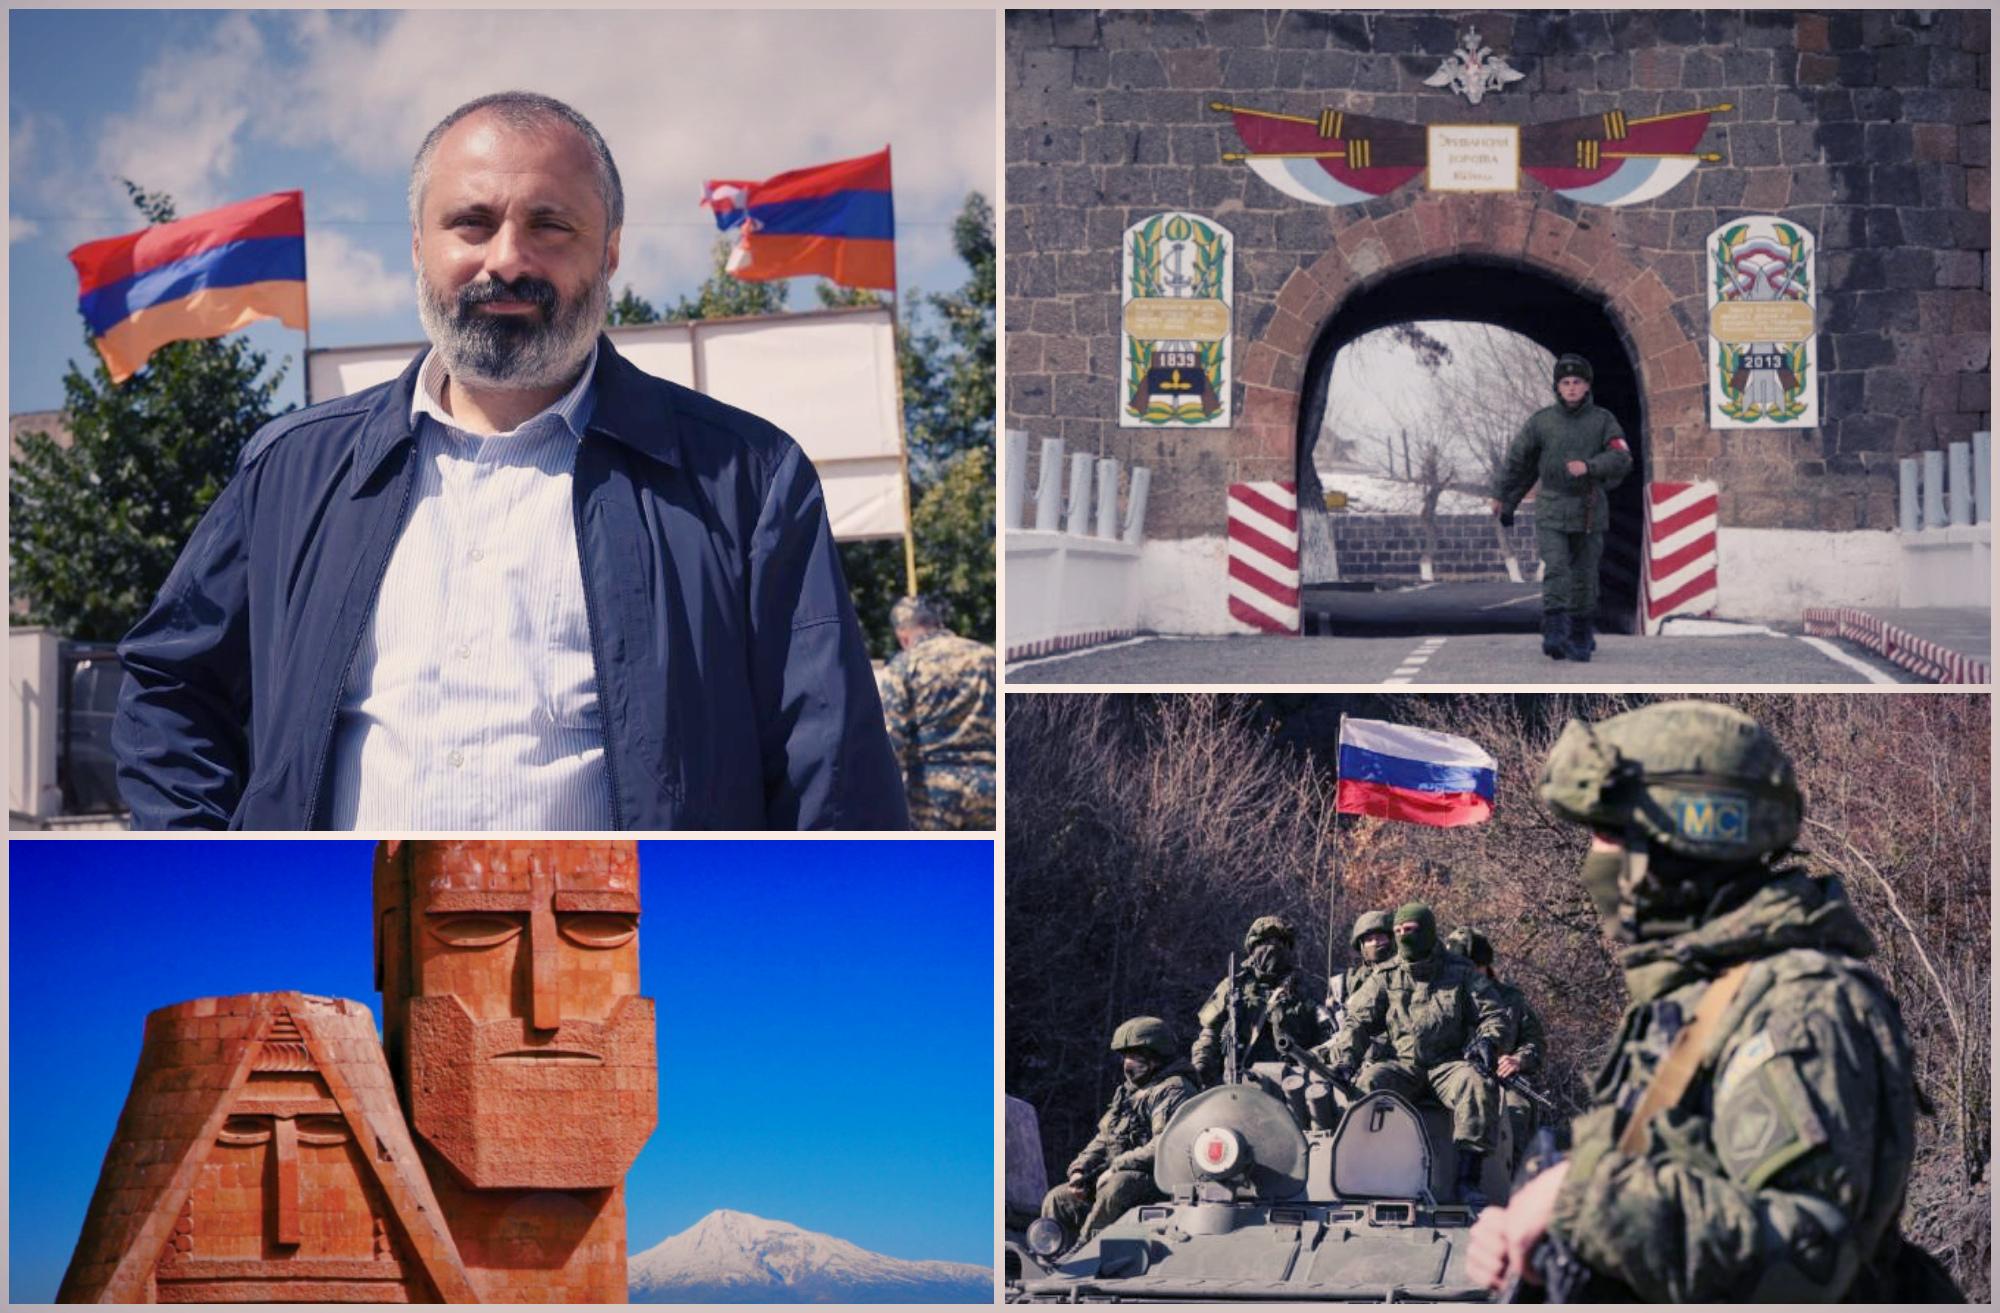 Photo of Նա, ով հակառուսական տրամադրություններ է սերմանում, հիվանդ է և դավաճան. ՌԴ բազայի հիմնումը Արցախում կօգնի և՛ մեզ, և՛ տարածաշրջանին. Դ. Բաբայան